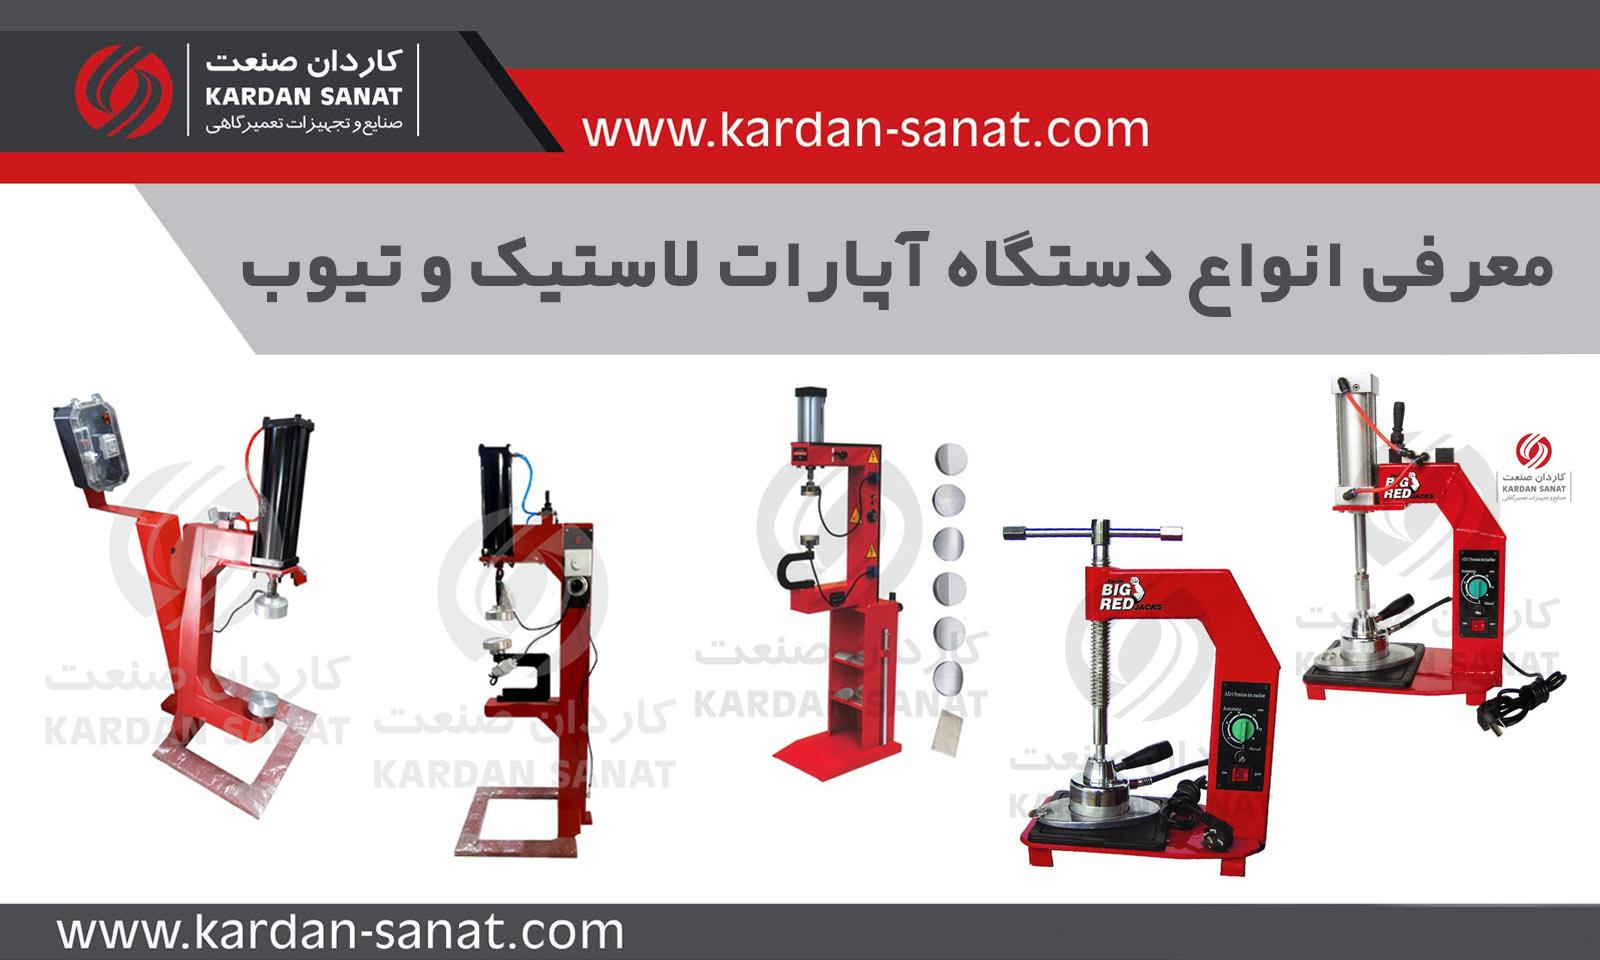 معرفی ، آموزش ، قیمت و فروش انواع دستگاه آپارات لاستیک و تیوب کاردان صنعت